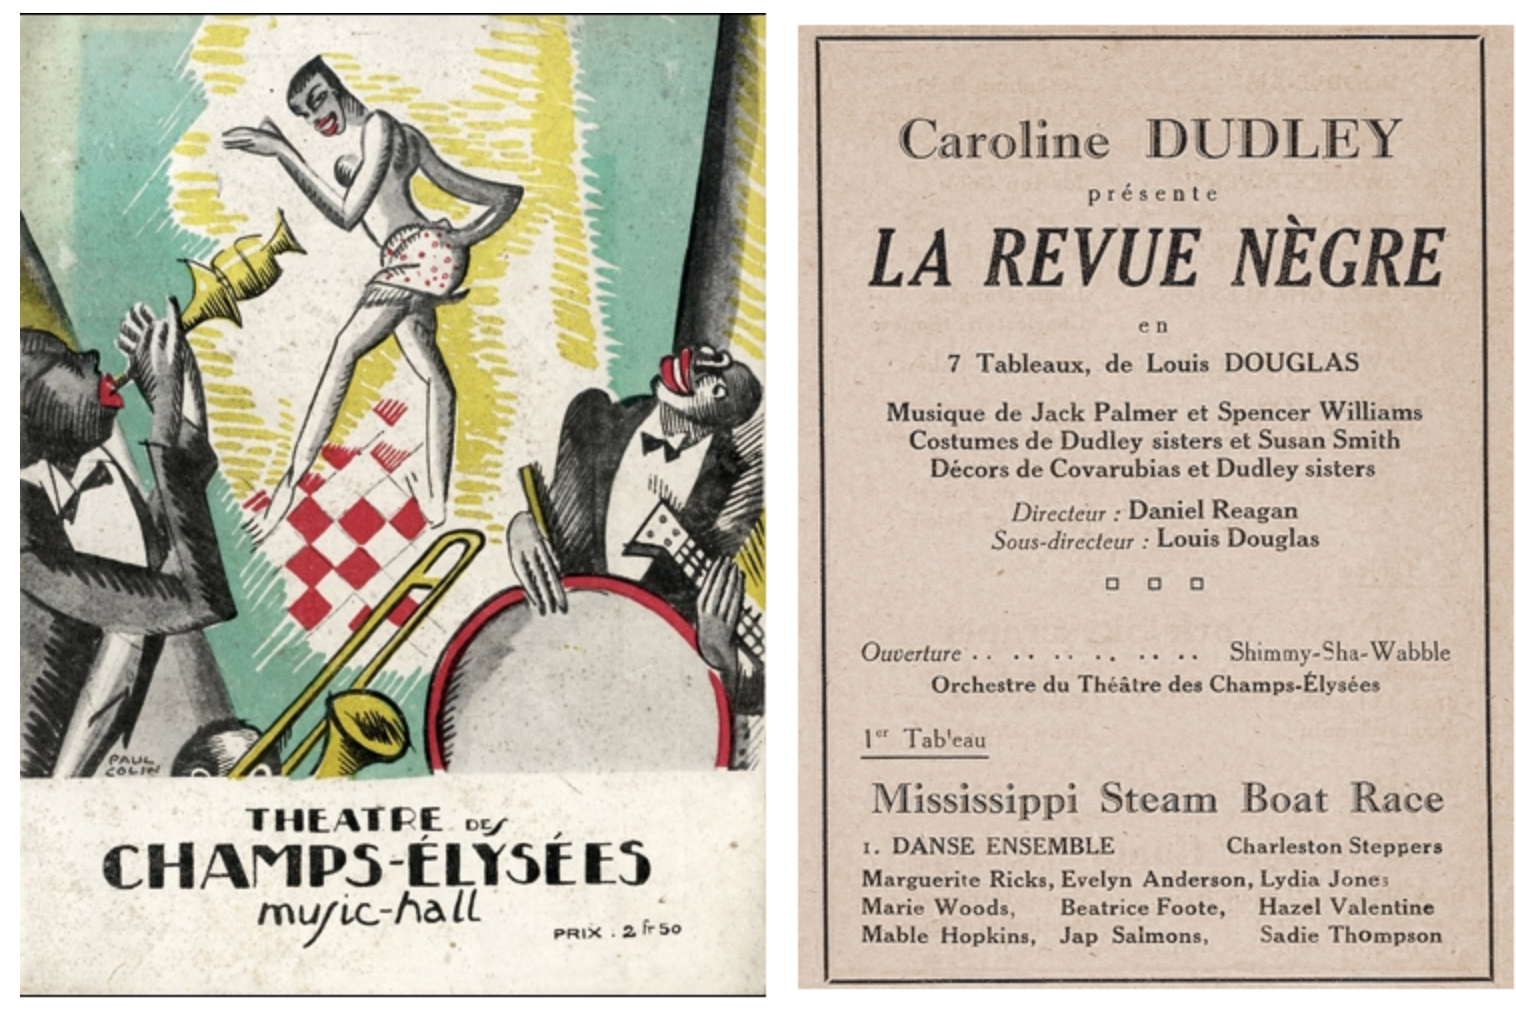 Part of the programme for La Revue Negre, Paris, 1925